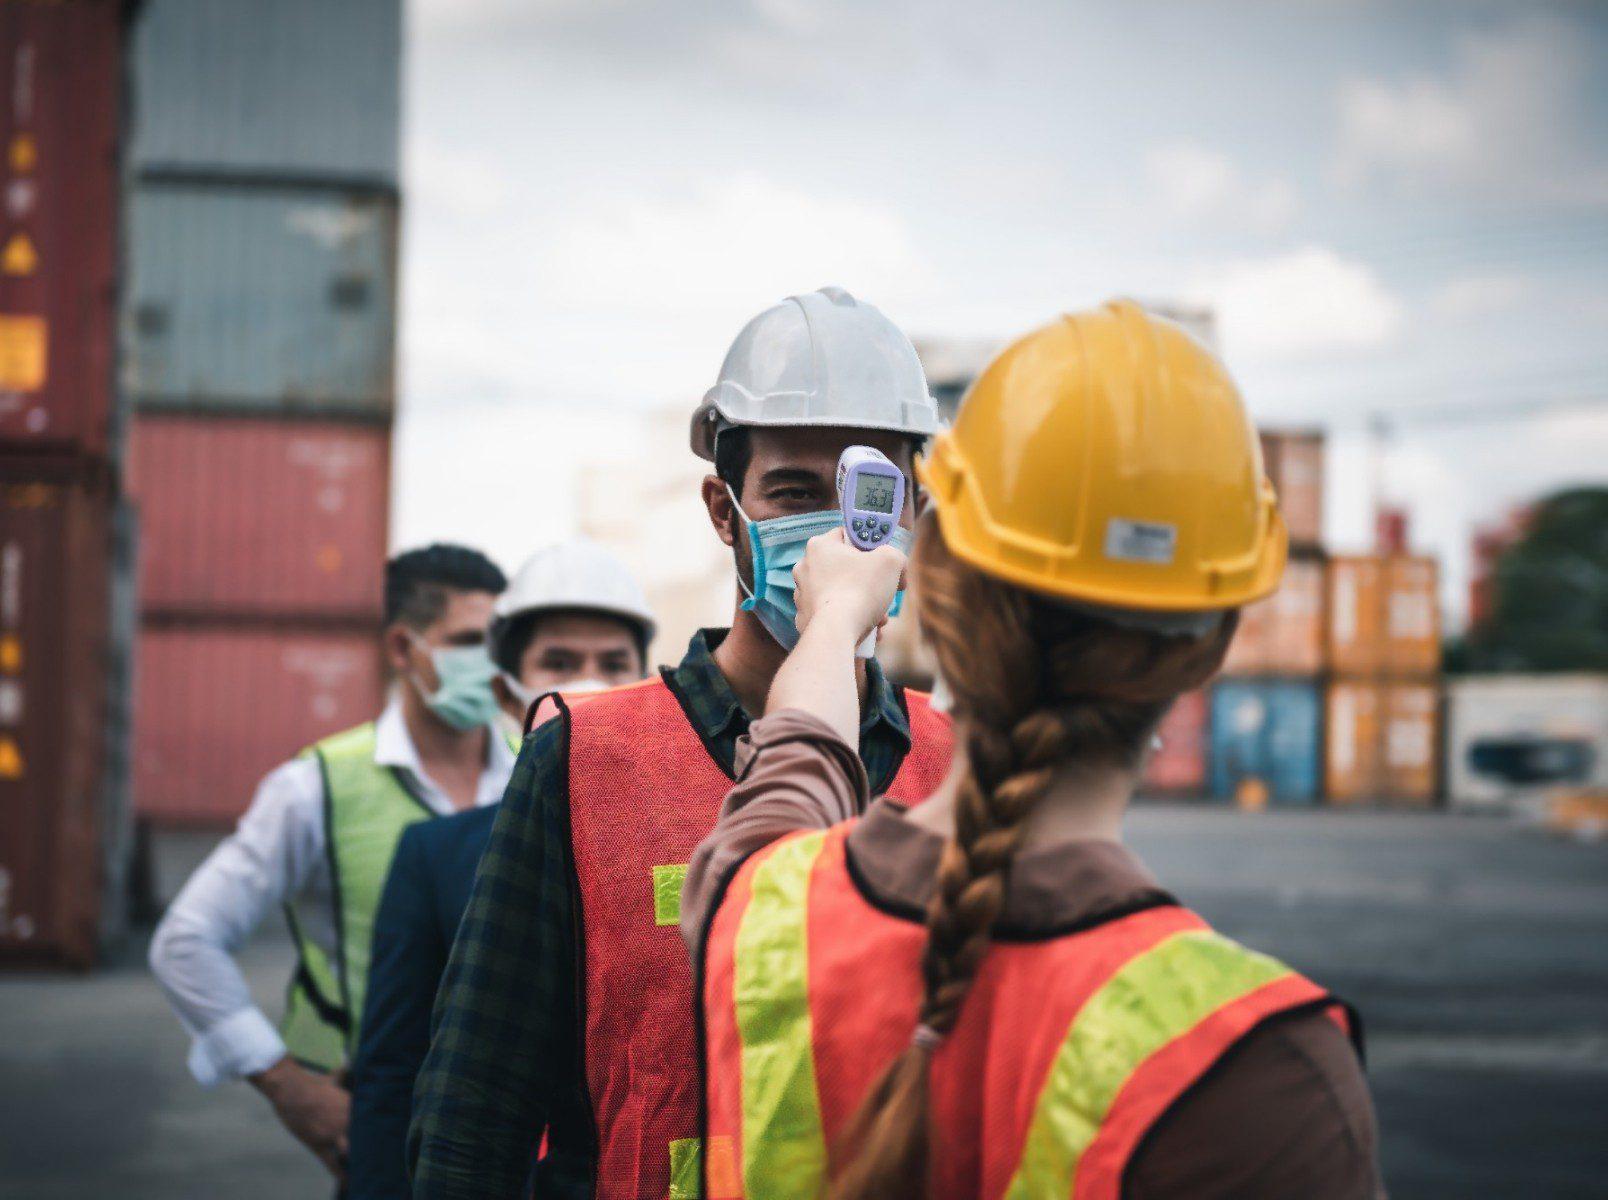 Immagine di copertina di: Salute e sicurezza nei luoghi di lavoro, nuovo confronto con il Governo